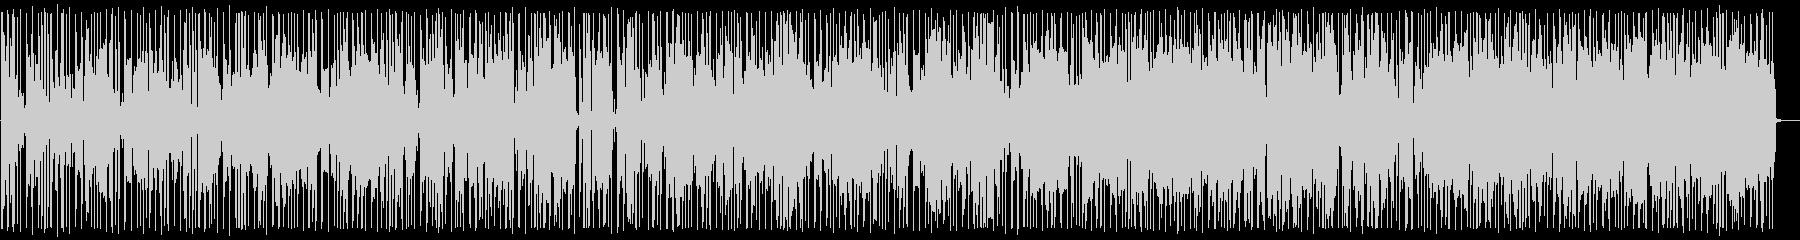 南国/カフェ/ラウンジ_No547_2の未再生の波形